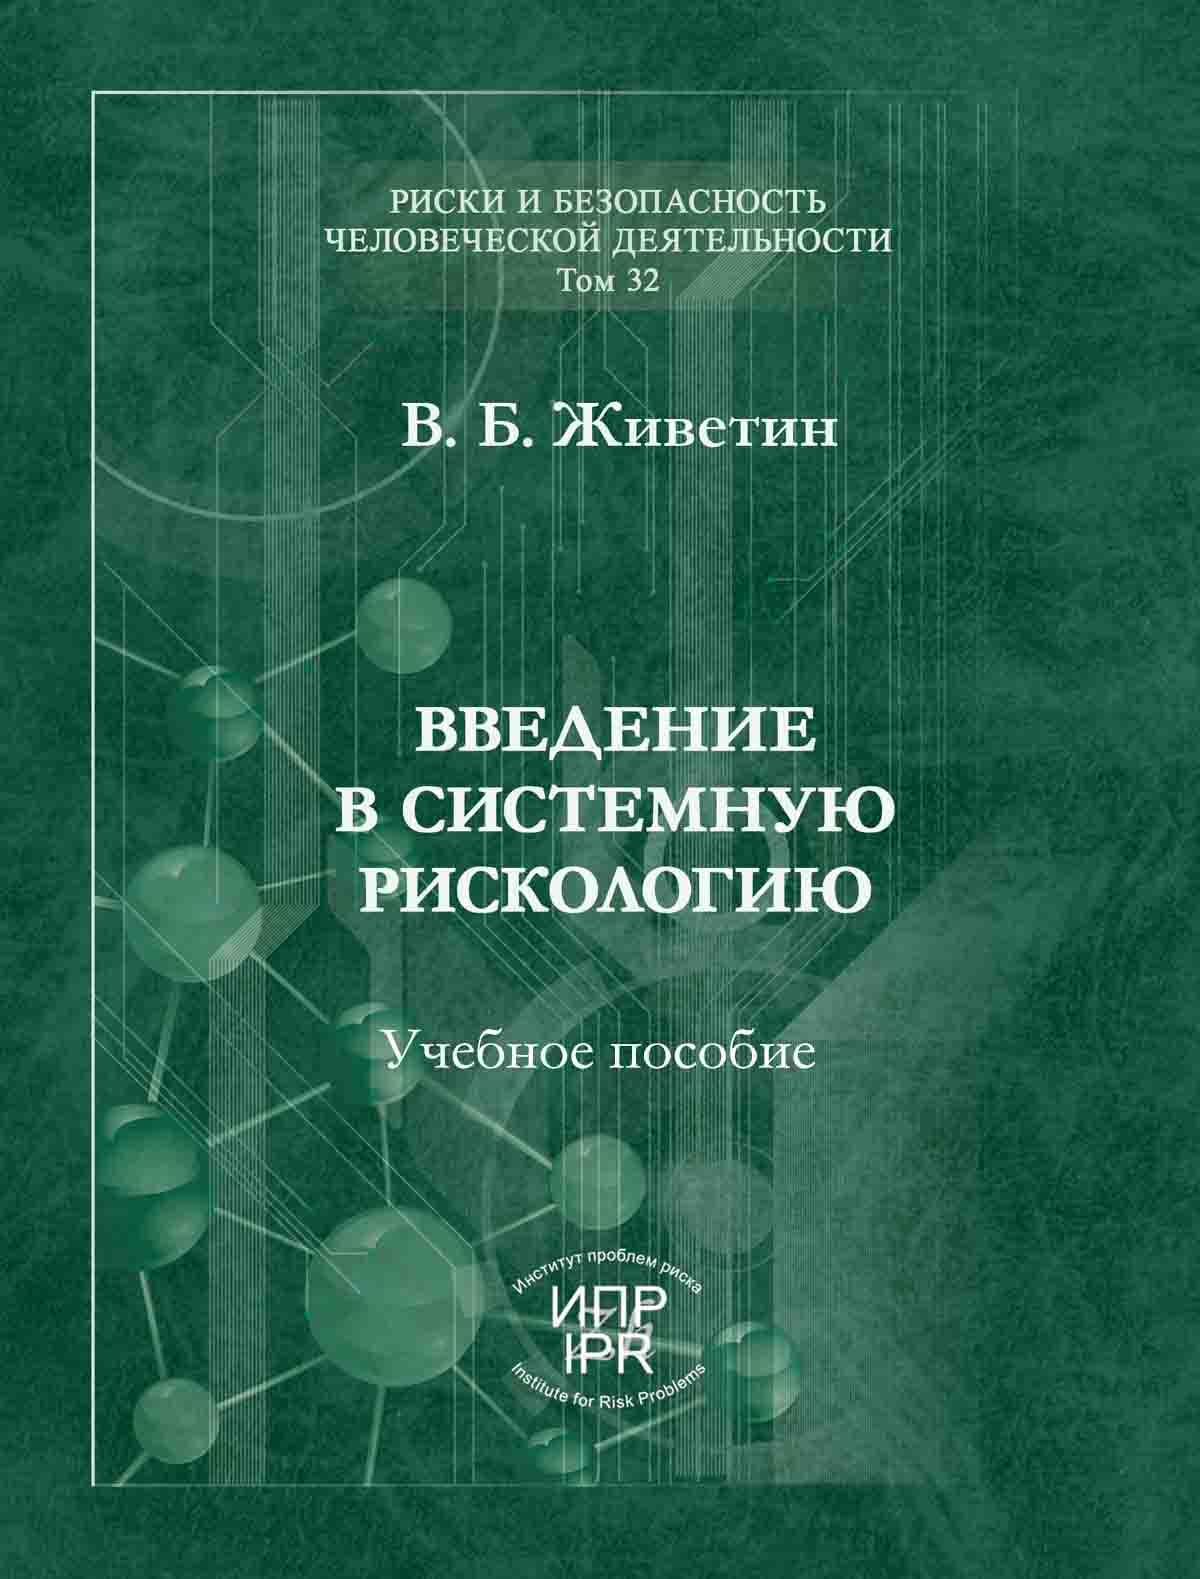 В. Б. Живетин Введение в системную рискологию б гнеденко а хинчин элементарное введение в теорию вероятностей